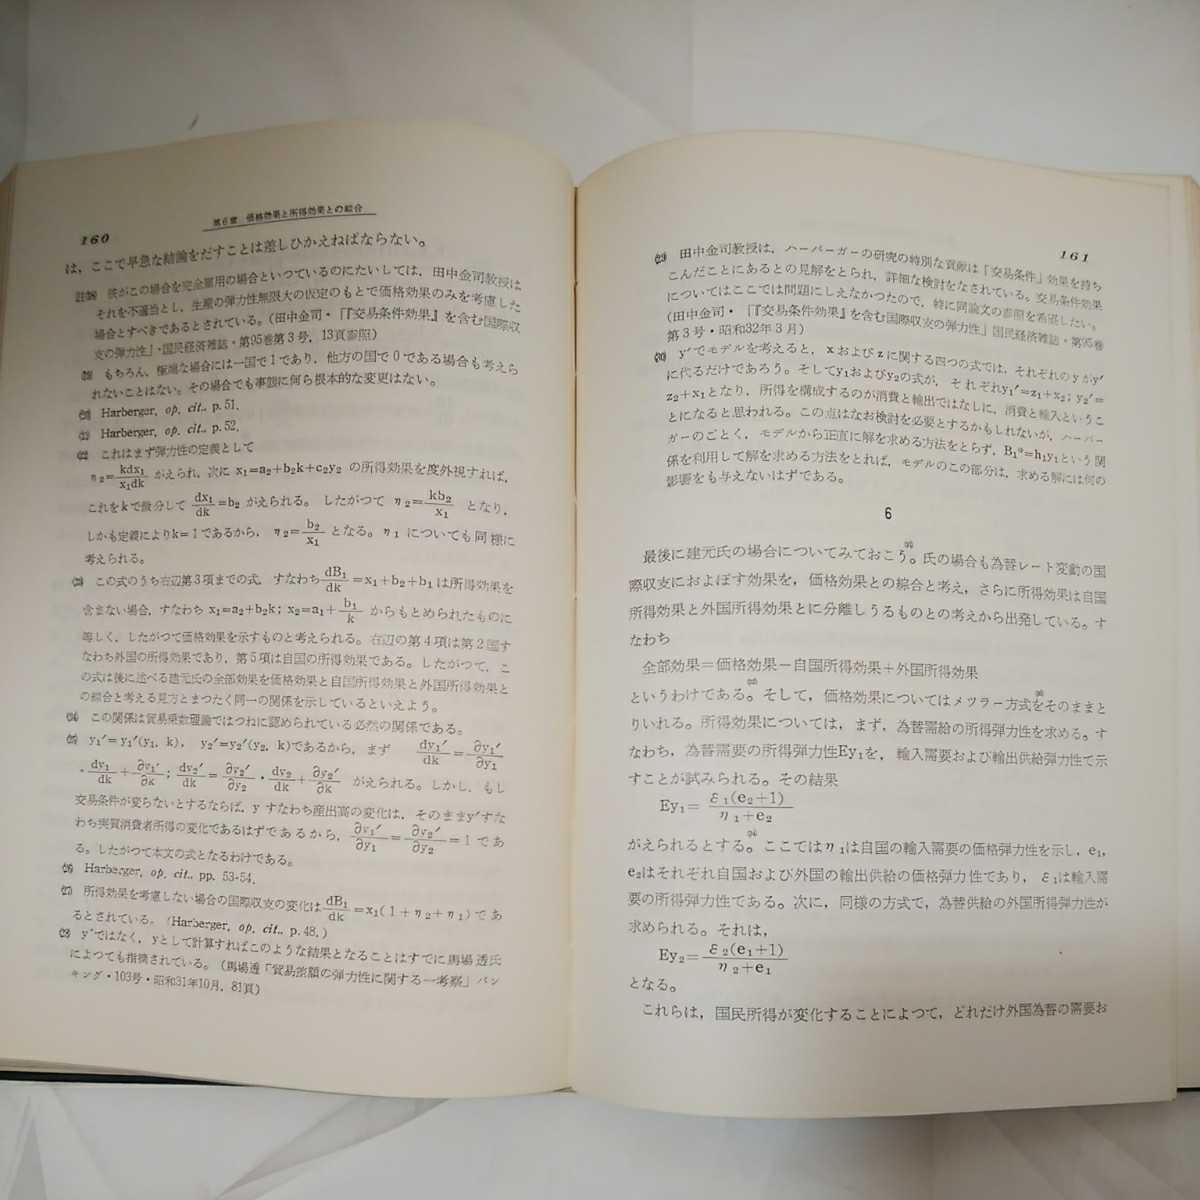 国際通貨論―国際決済の諸問題 (1957年) (関西学院大学経済学双書〈第6〉)小寺 武四郎 (著) 関書院 古書, 1957  z-71_画像5